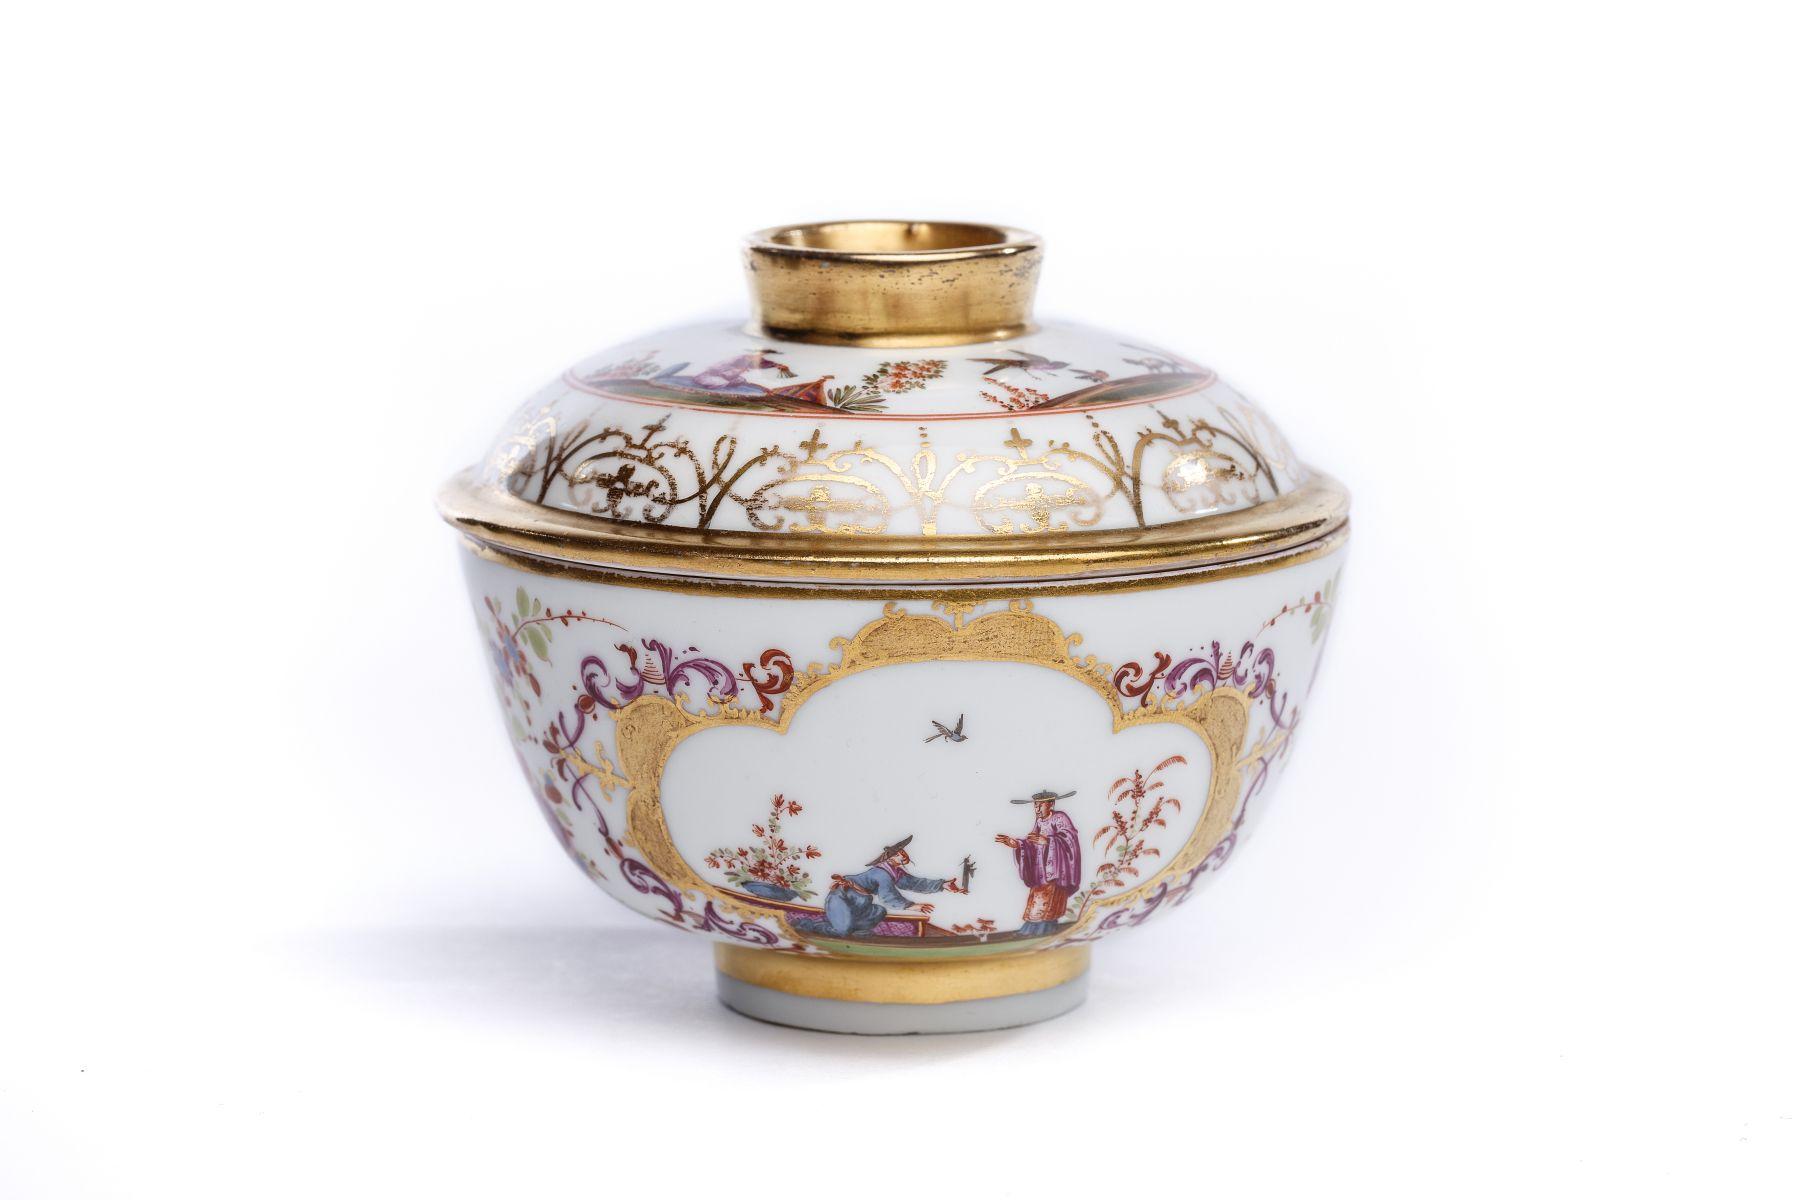 #16 Rice bowl, Meissen 1725/30 | Reisschale mit Deckel, Meissen 1725/30 Image